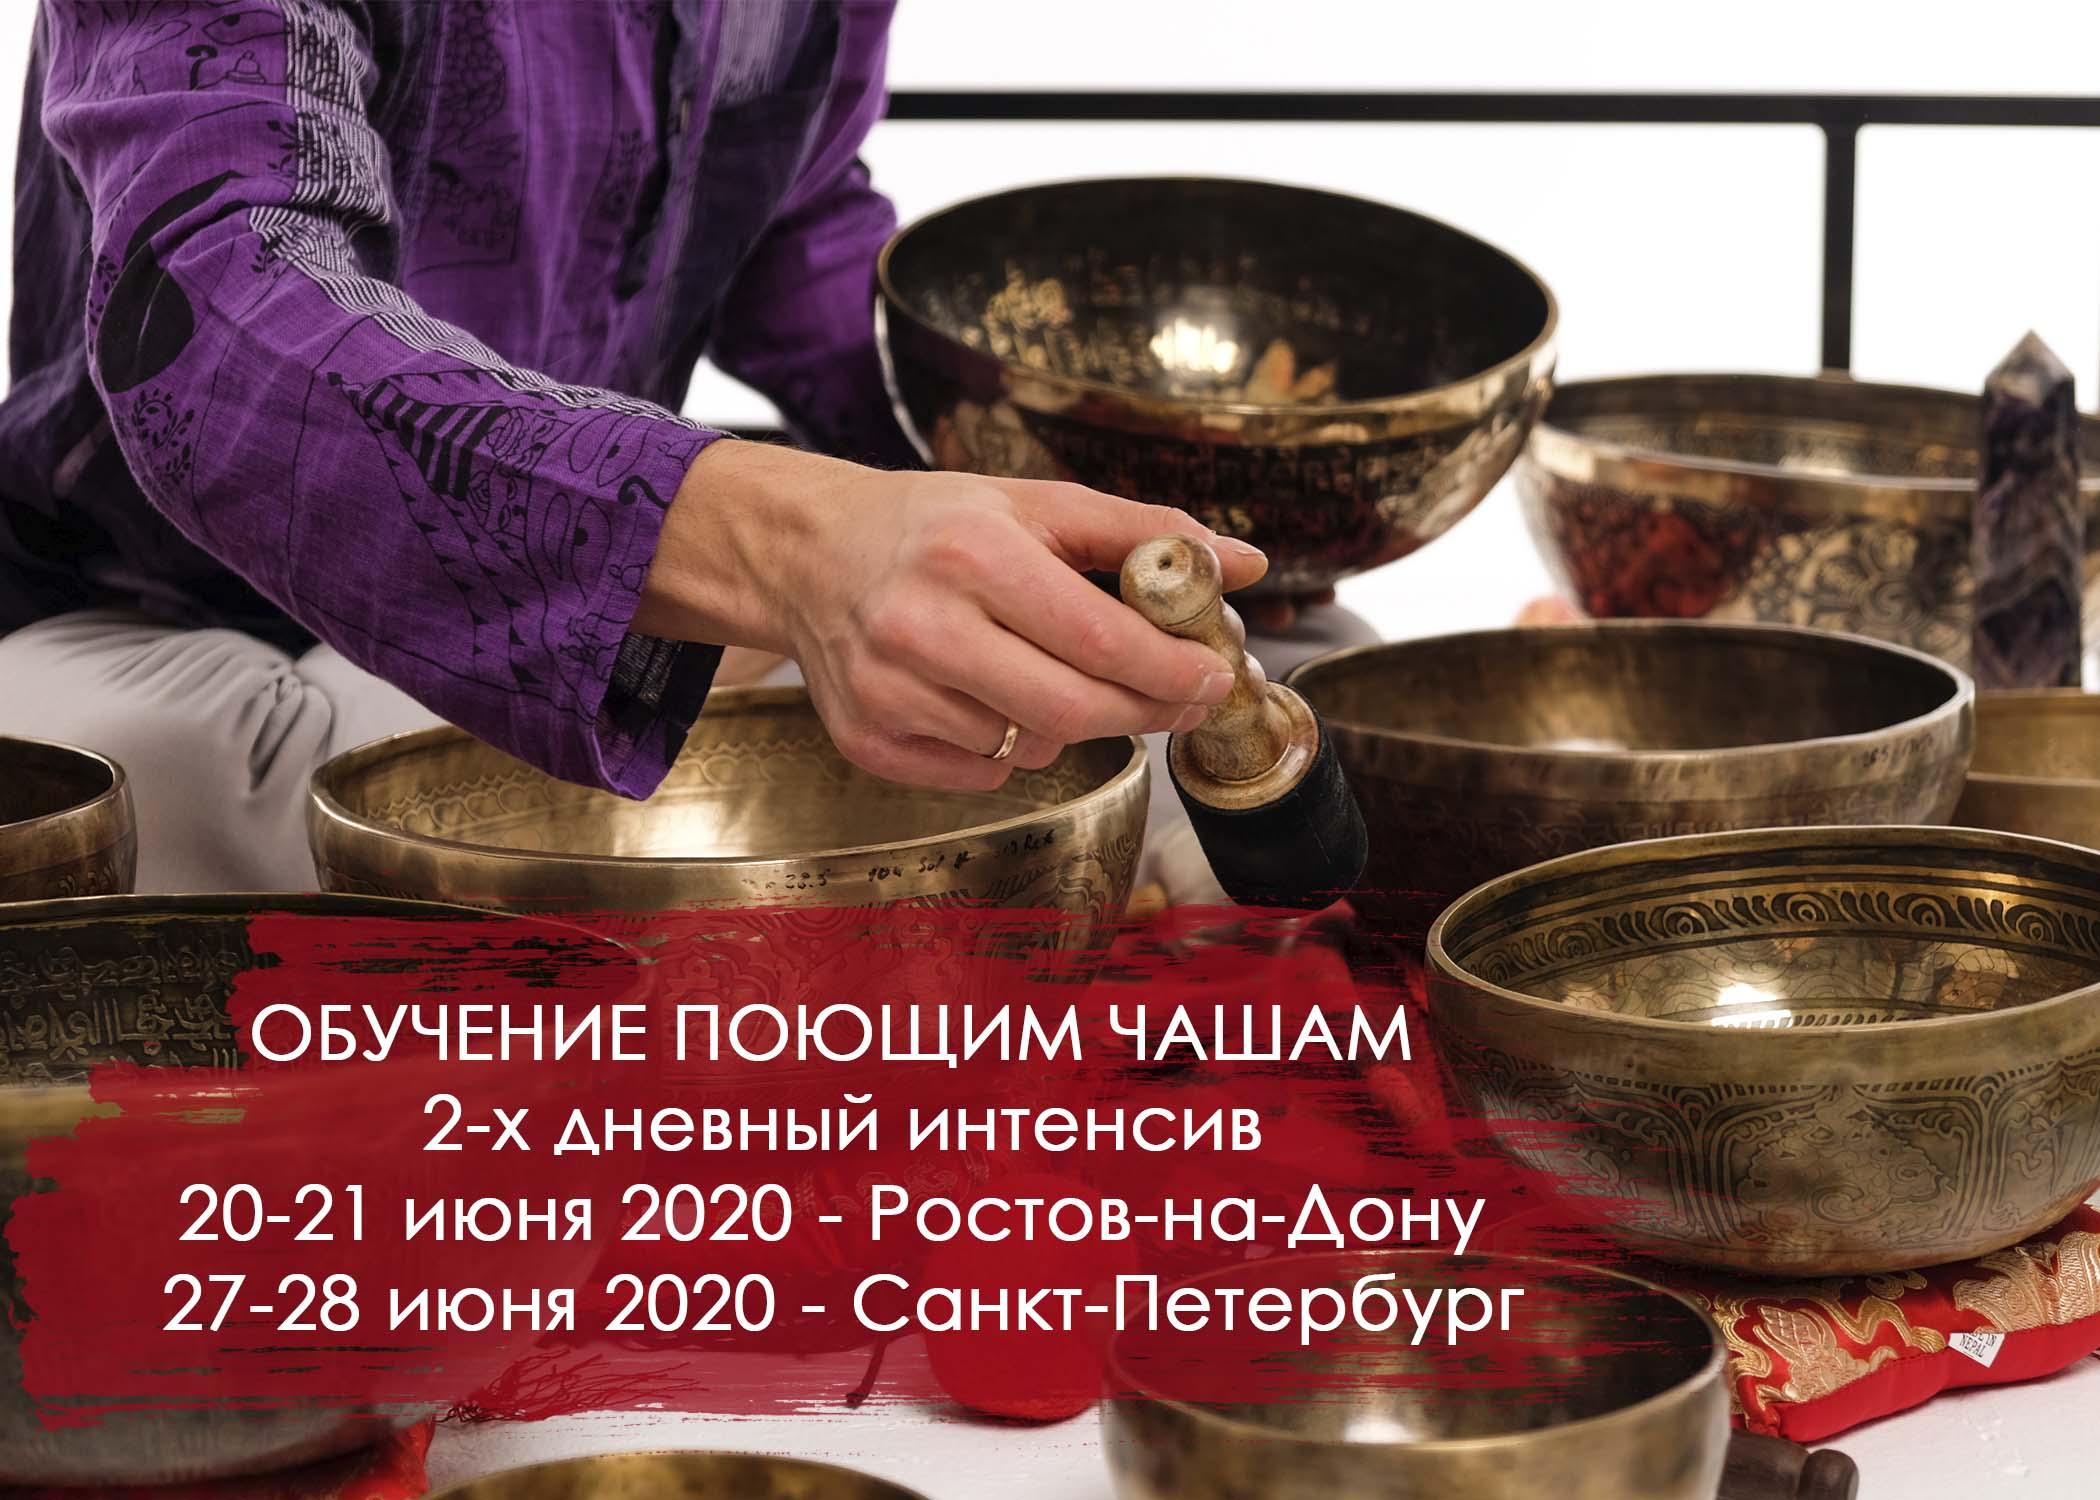 Тибетские поющие чаши для массажа